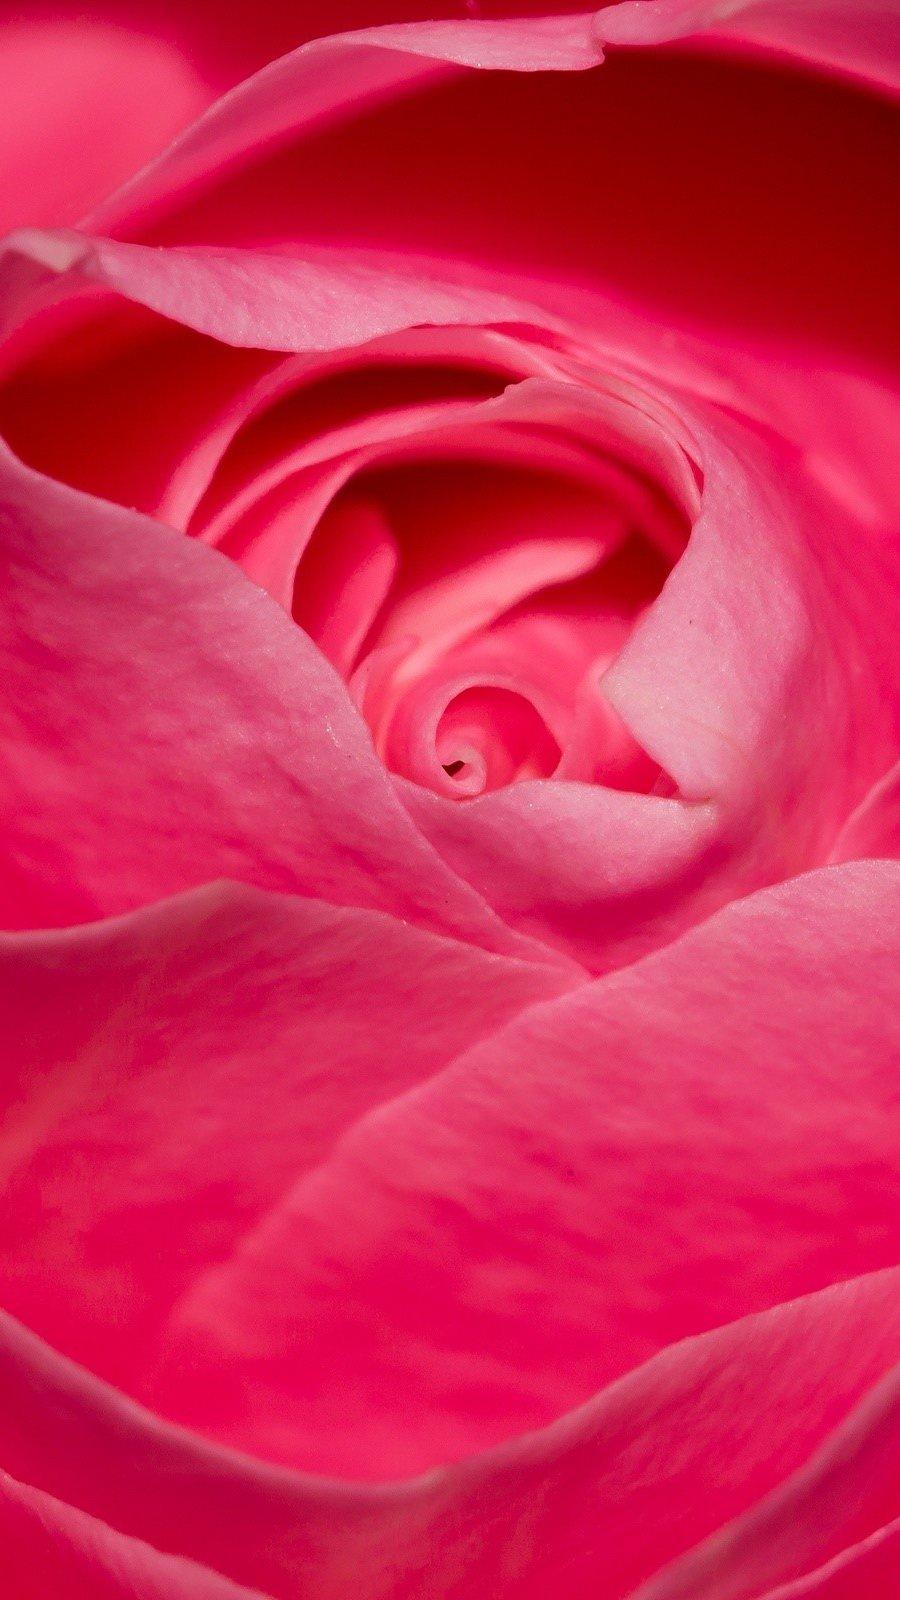 Fondos de pantalla Rosa perfecta Vertical